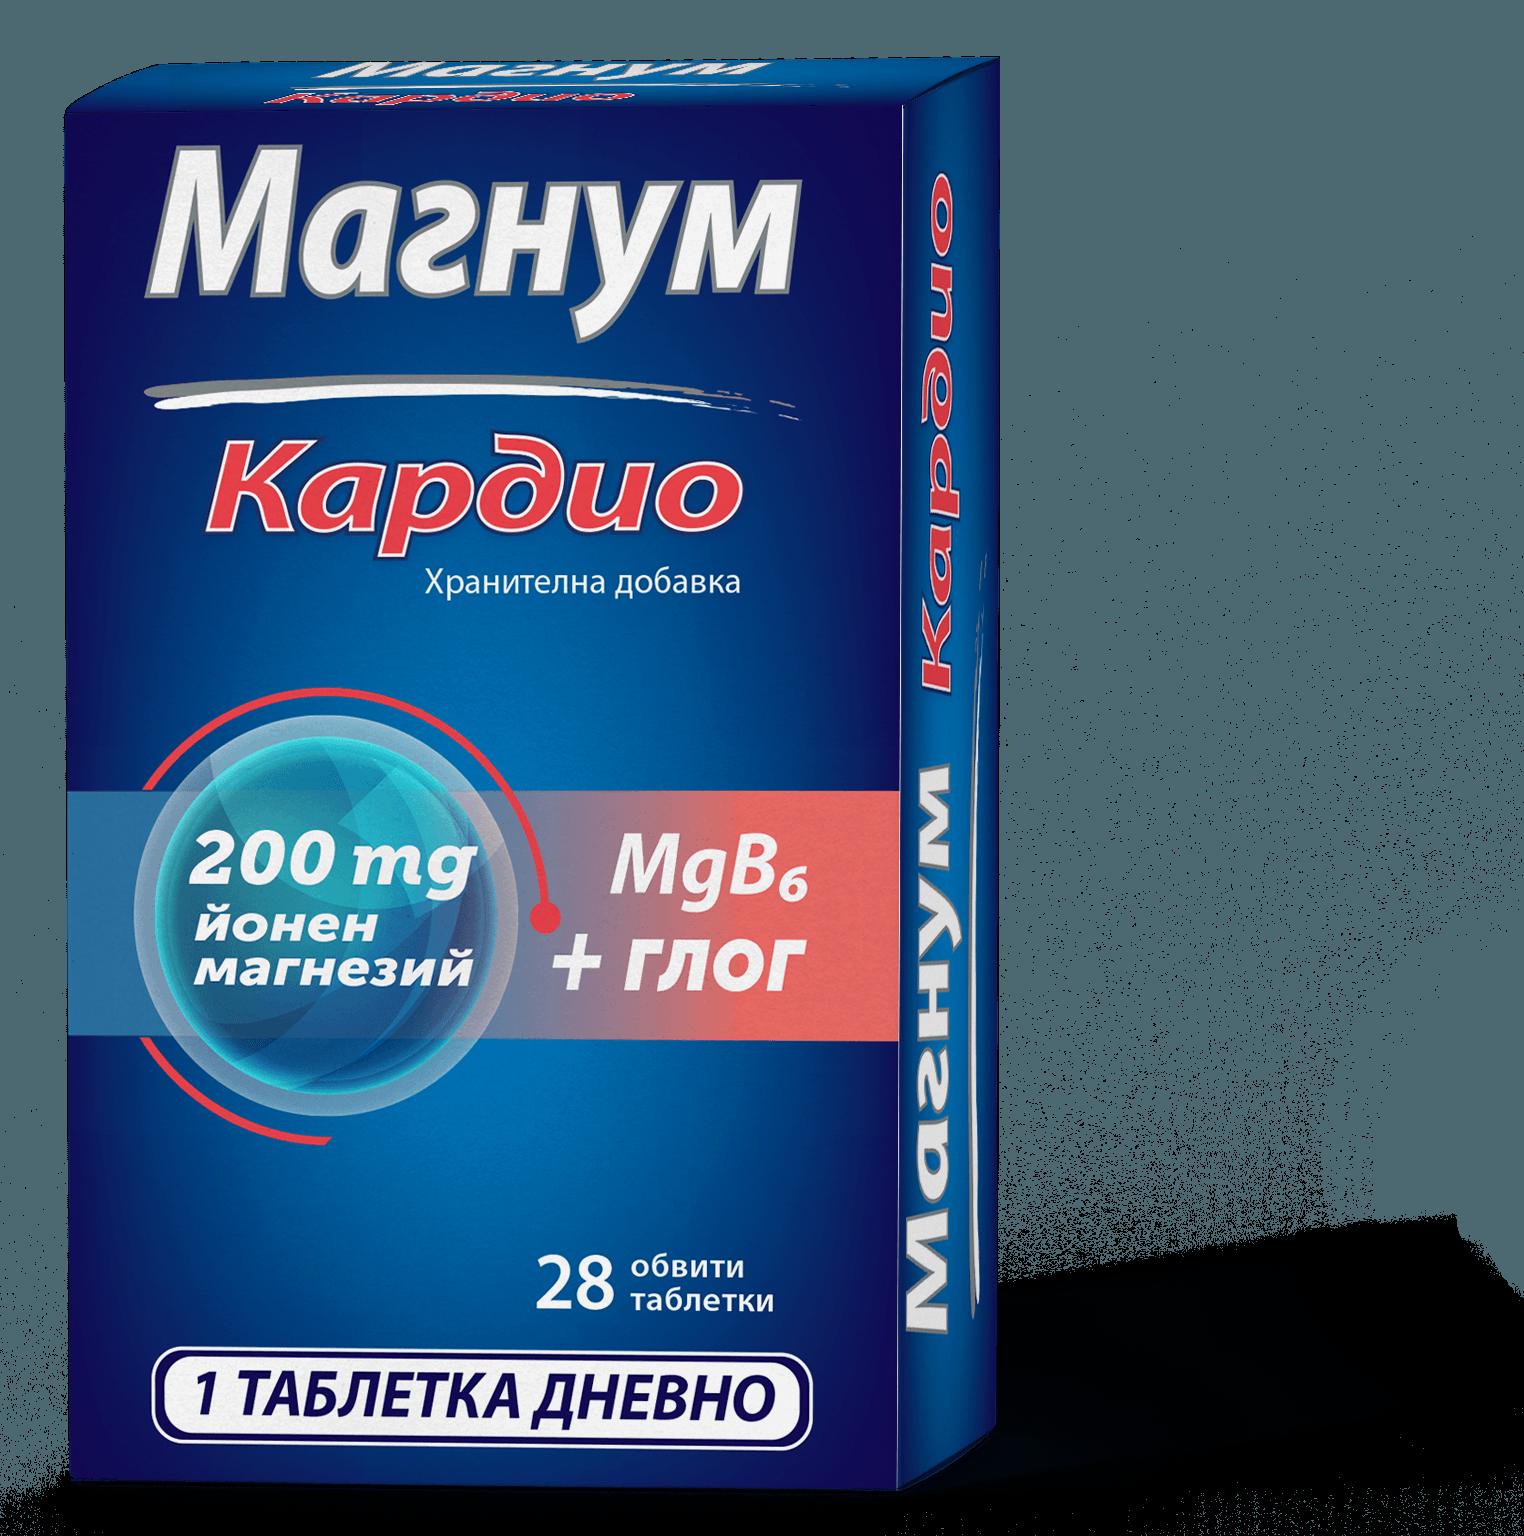 Magnum Cardio / Магнум кардио